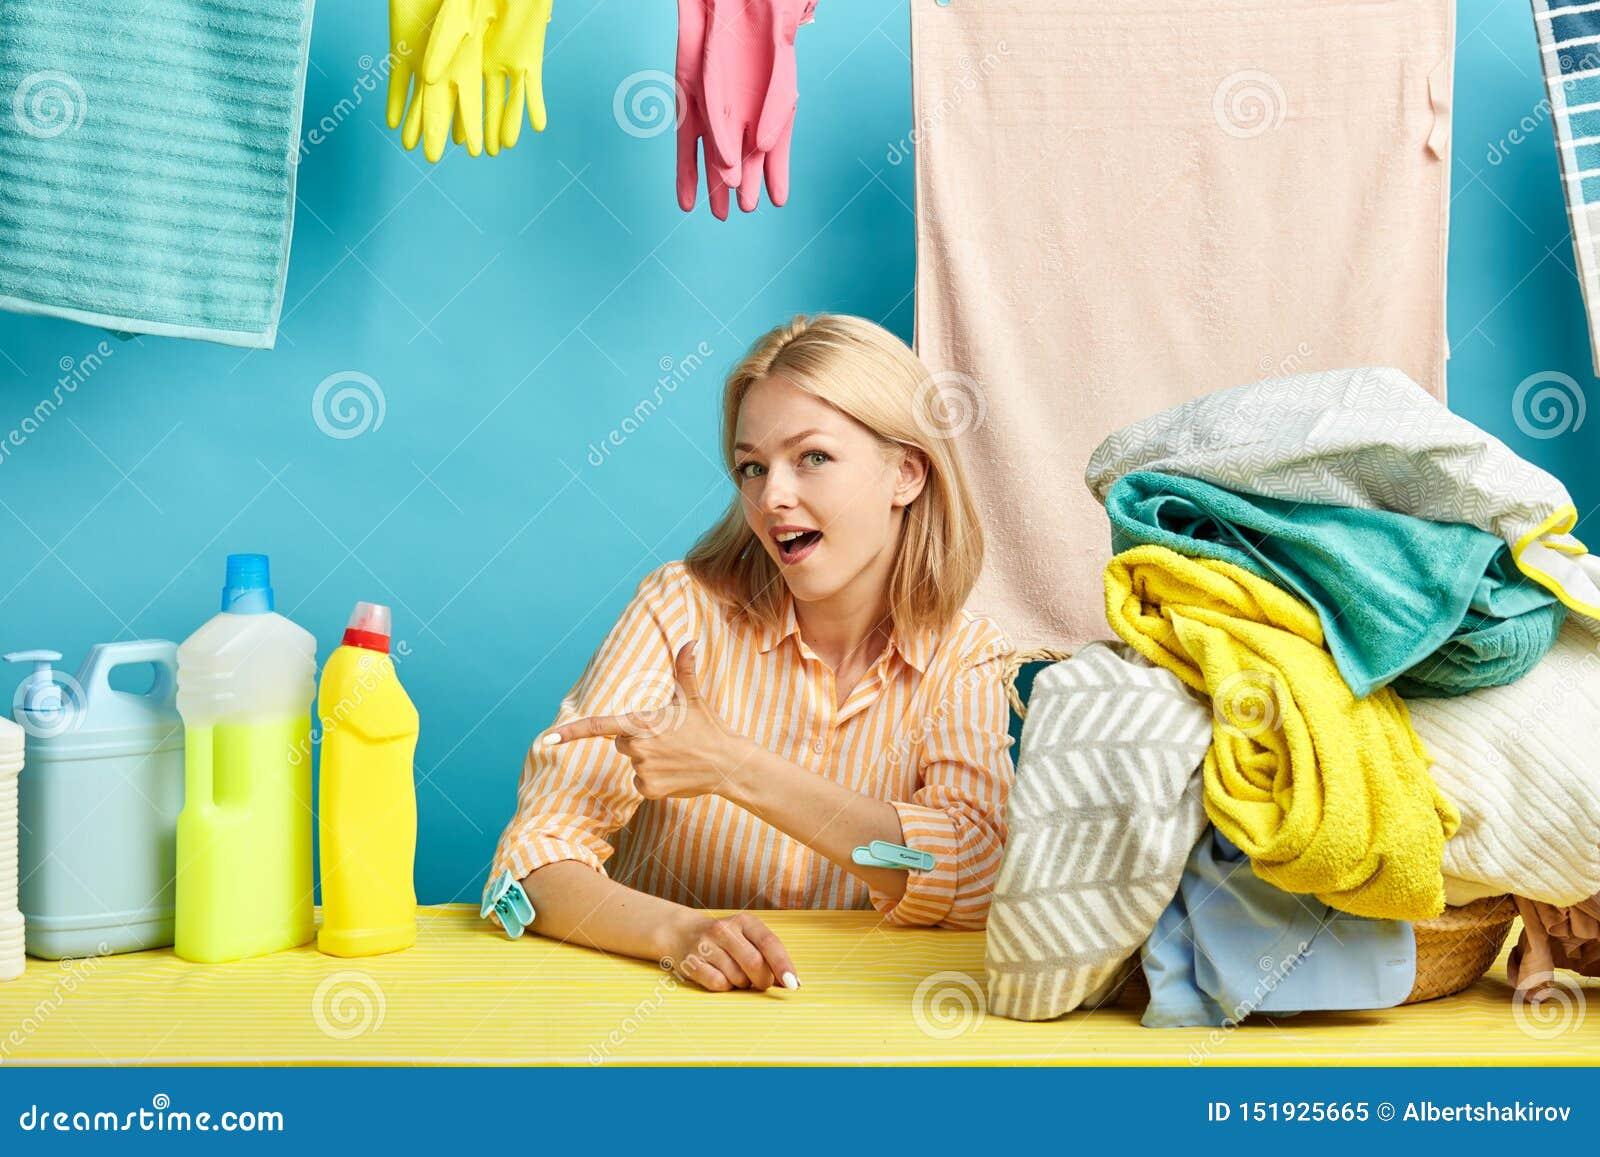 Glückliche junge Blondine, die auf flüssige Flasche des Abwasches zeigen